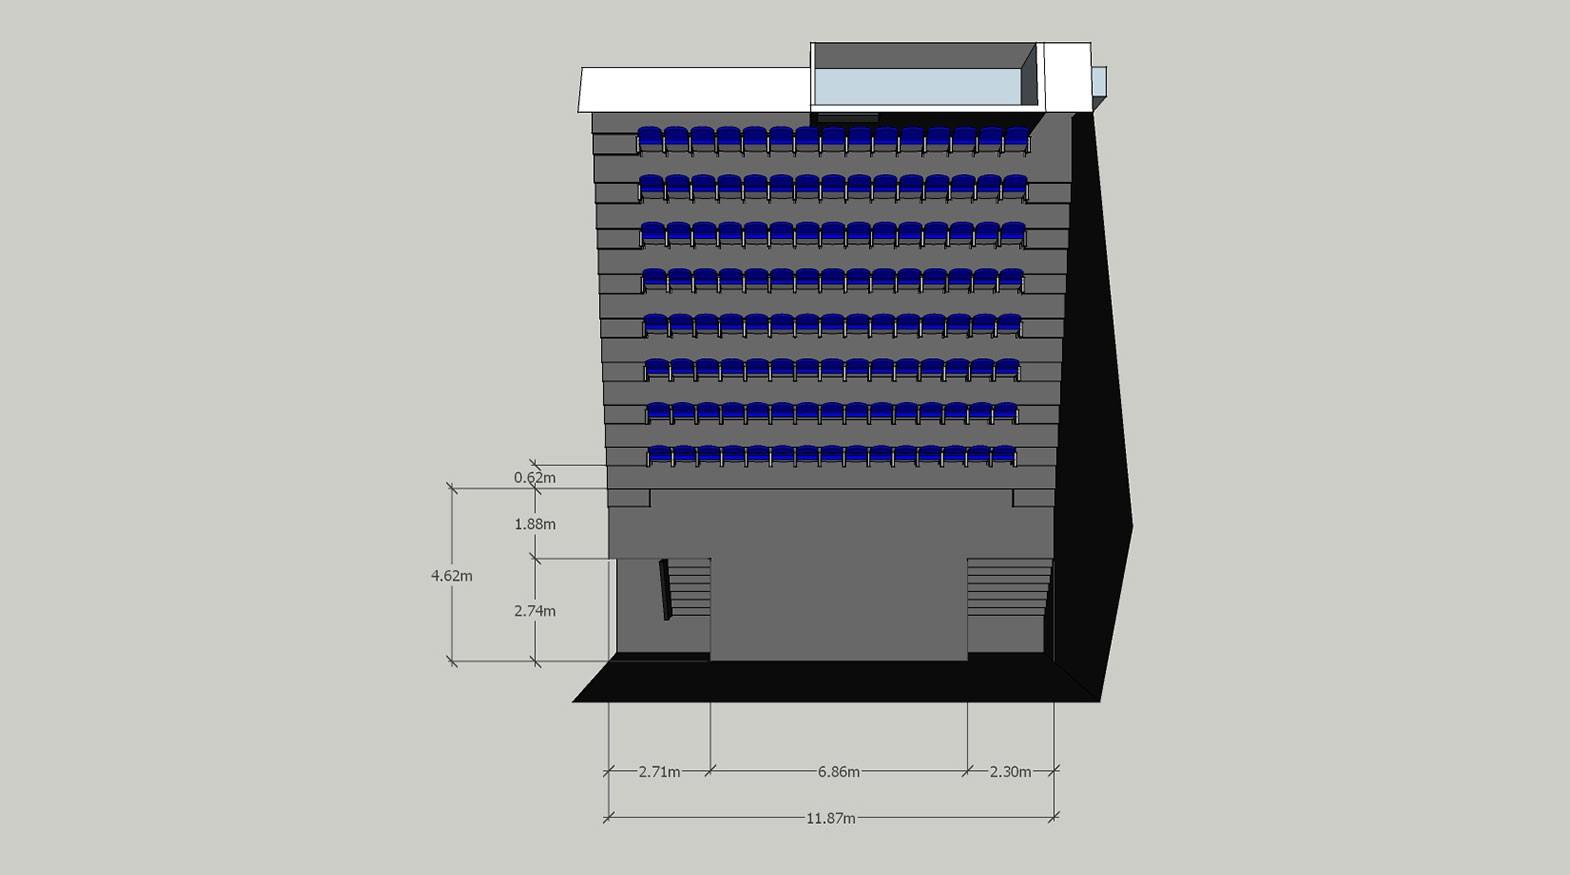 auditorium-dimensions.jpg